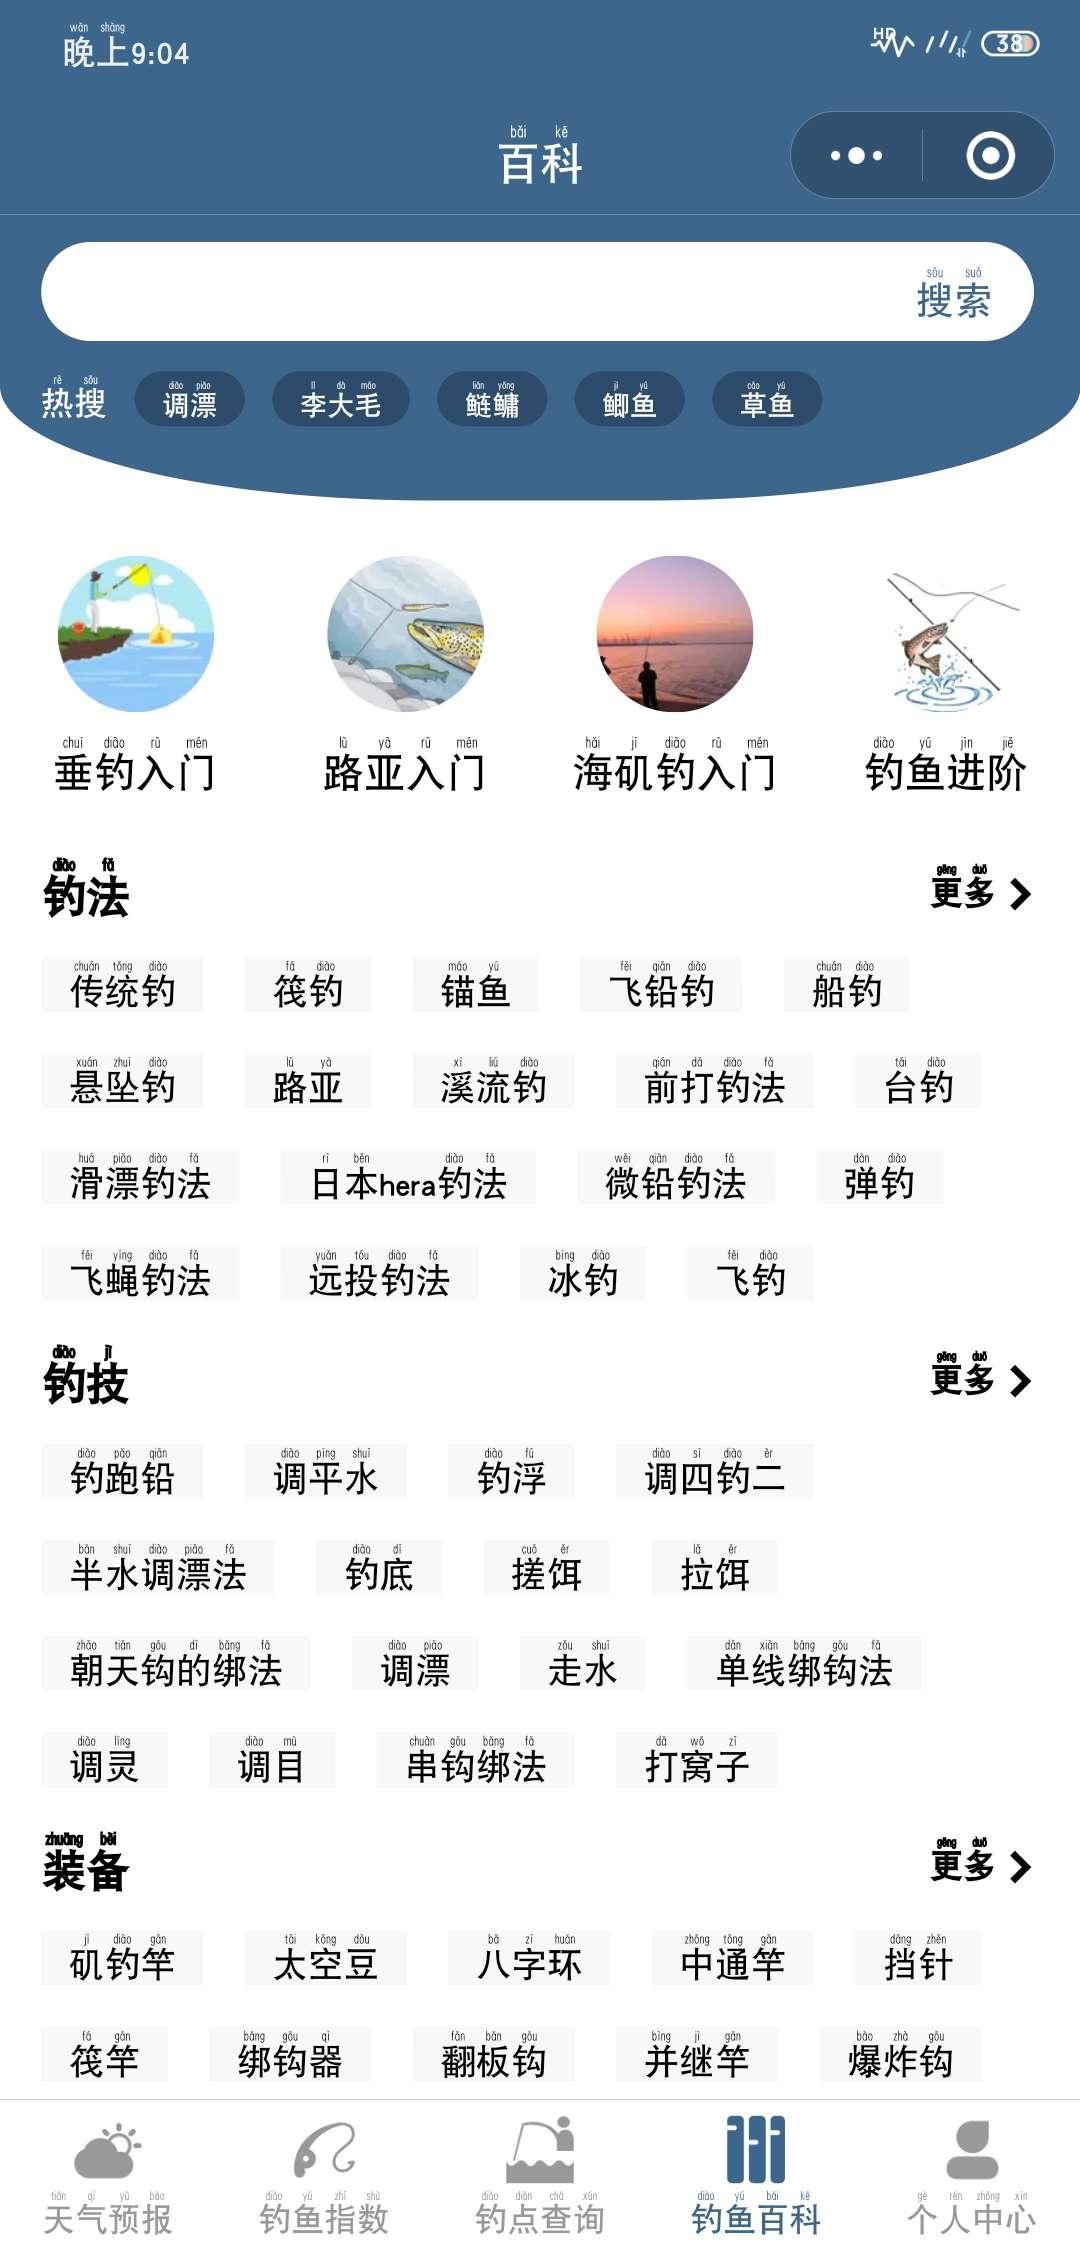 【小程序】钓鱼天气预报专业版 最准最专业的钓鱼人天气 微信小程序-爱小助